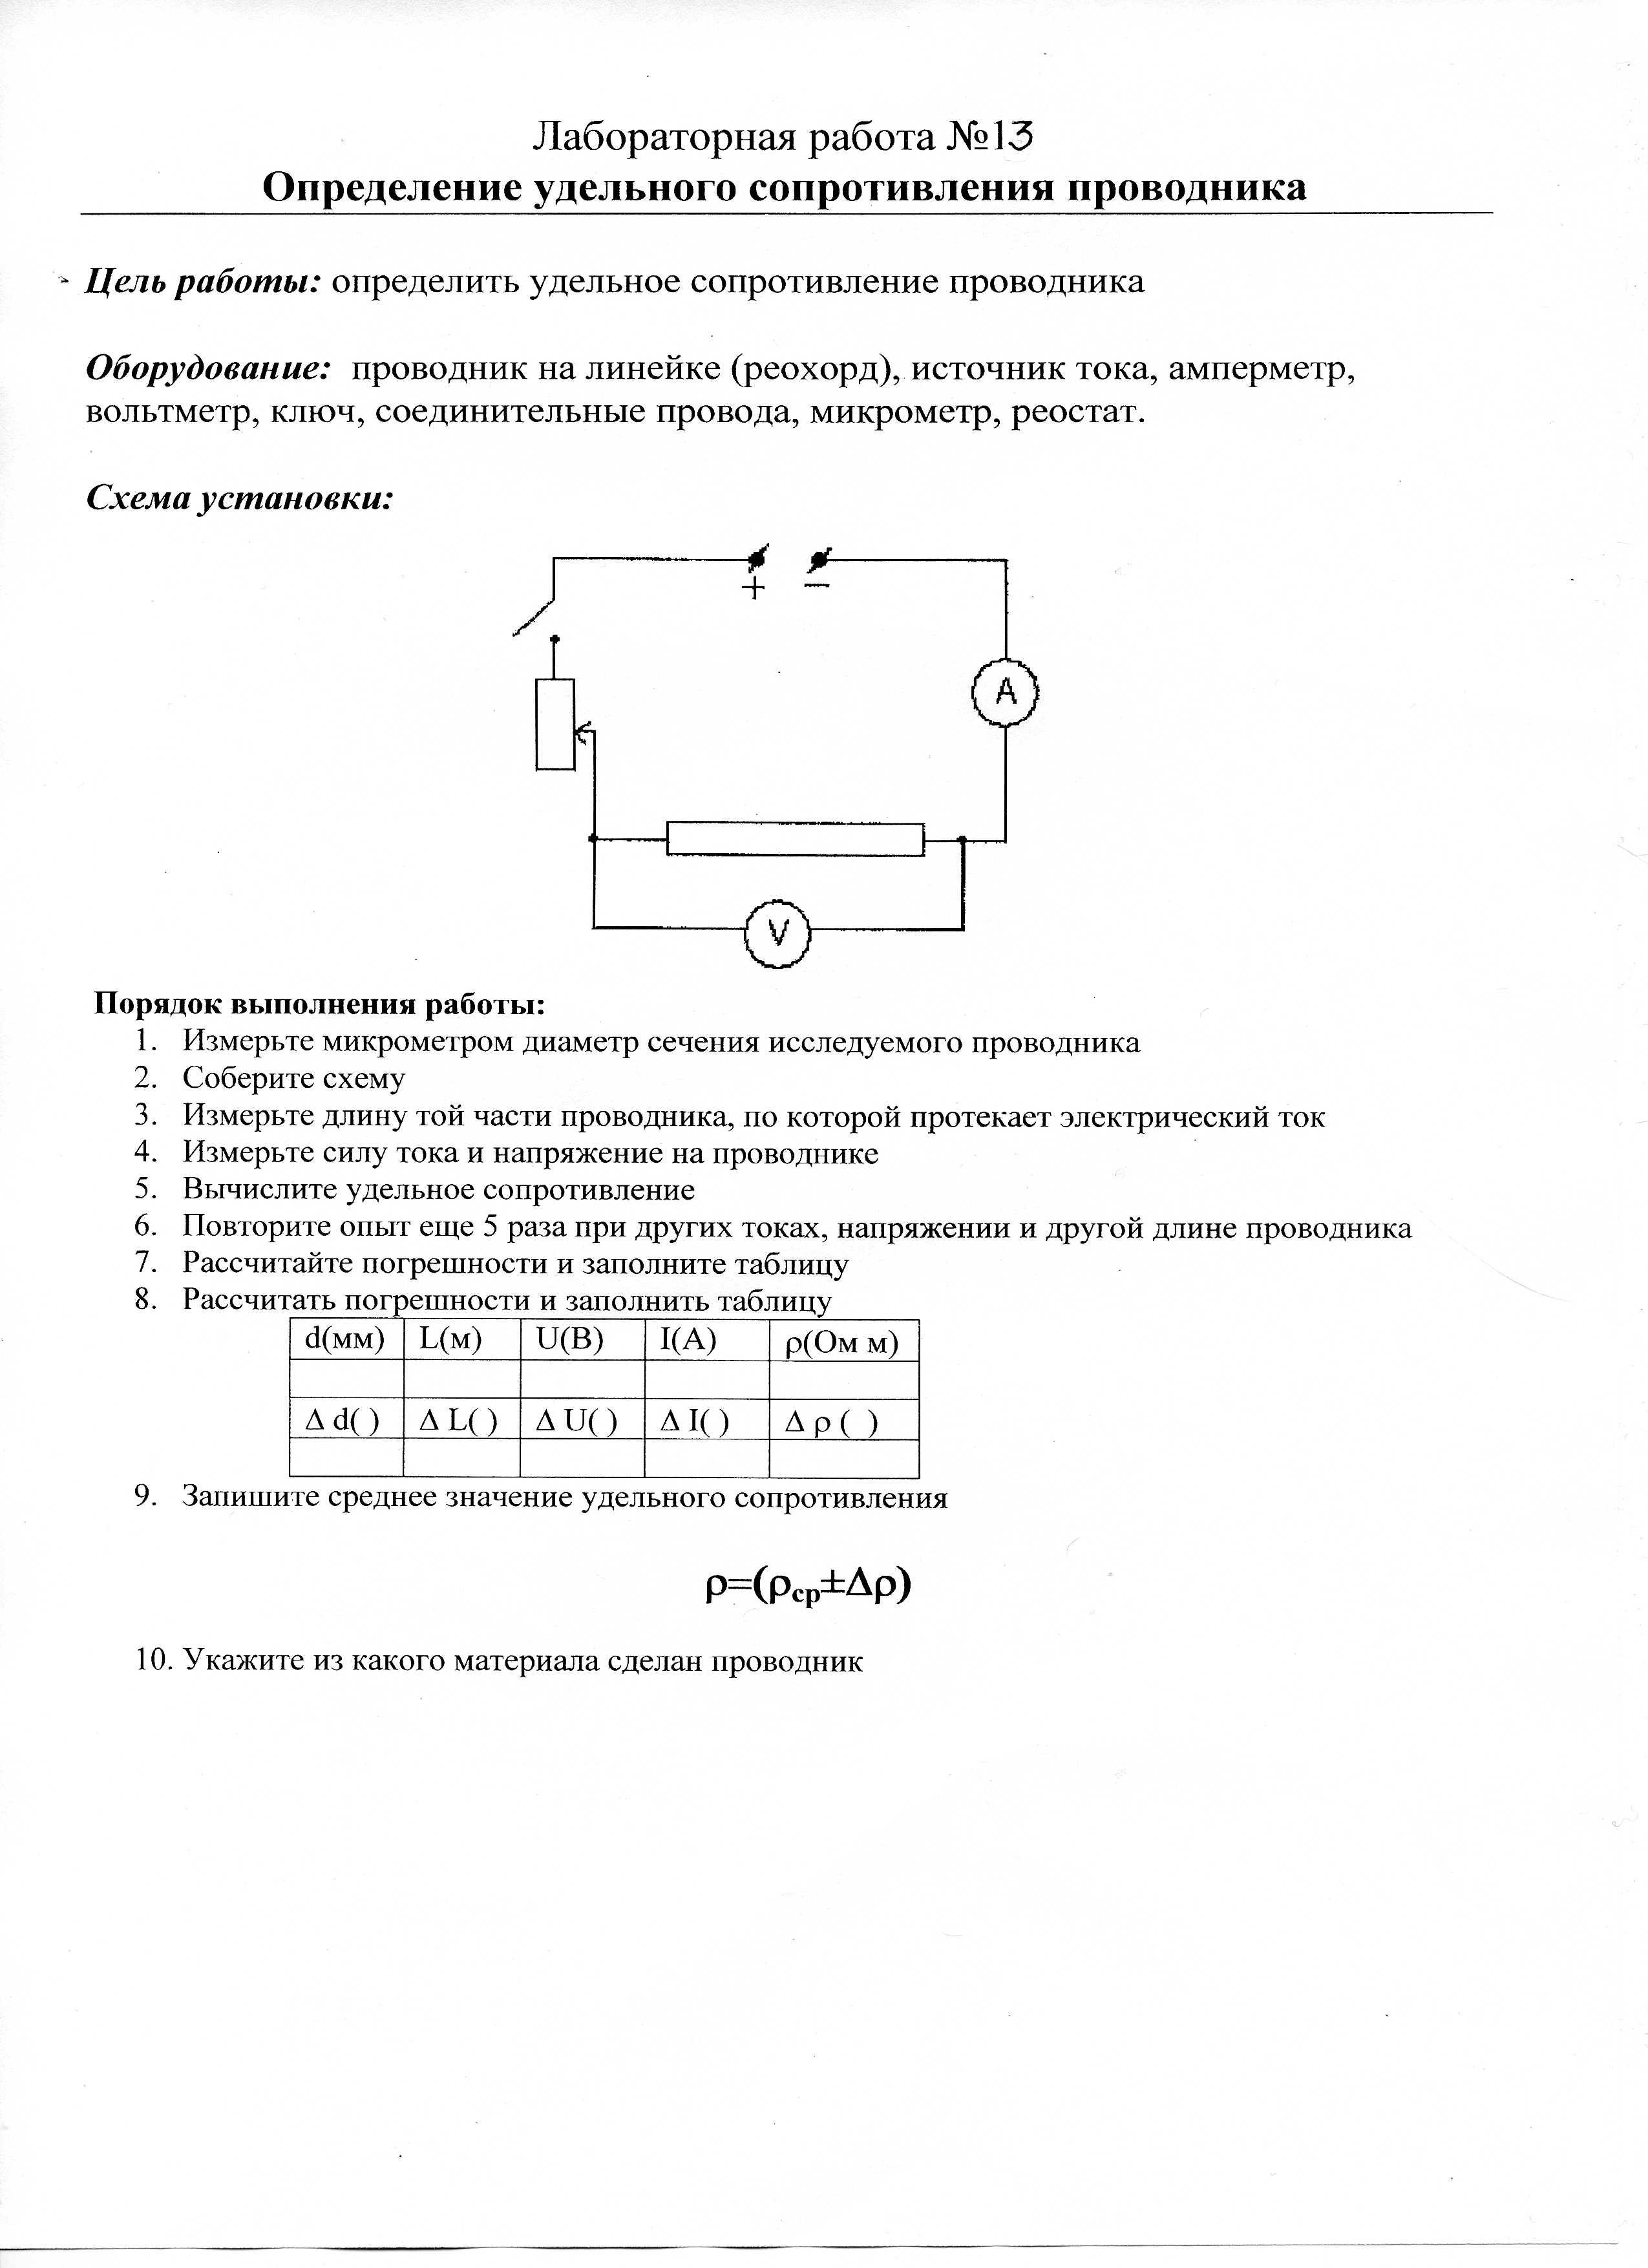 решебник к лабораторным работа по физике губанов